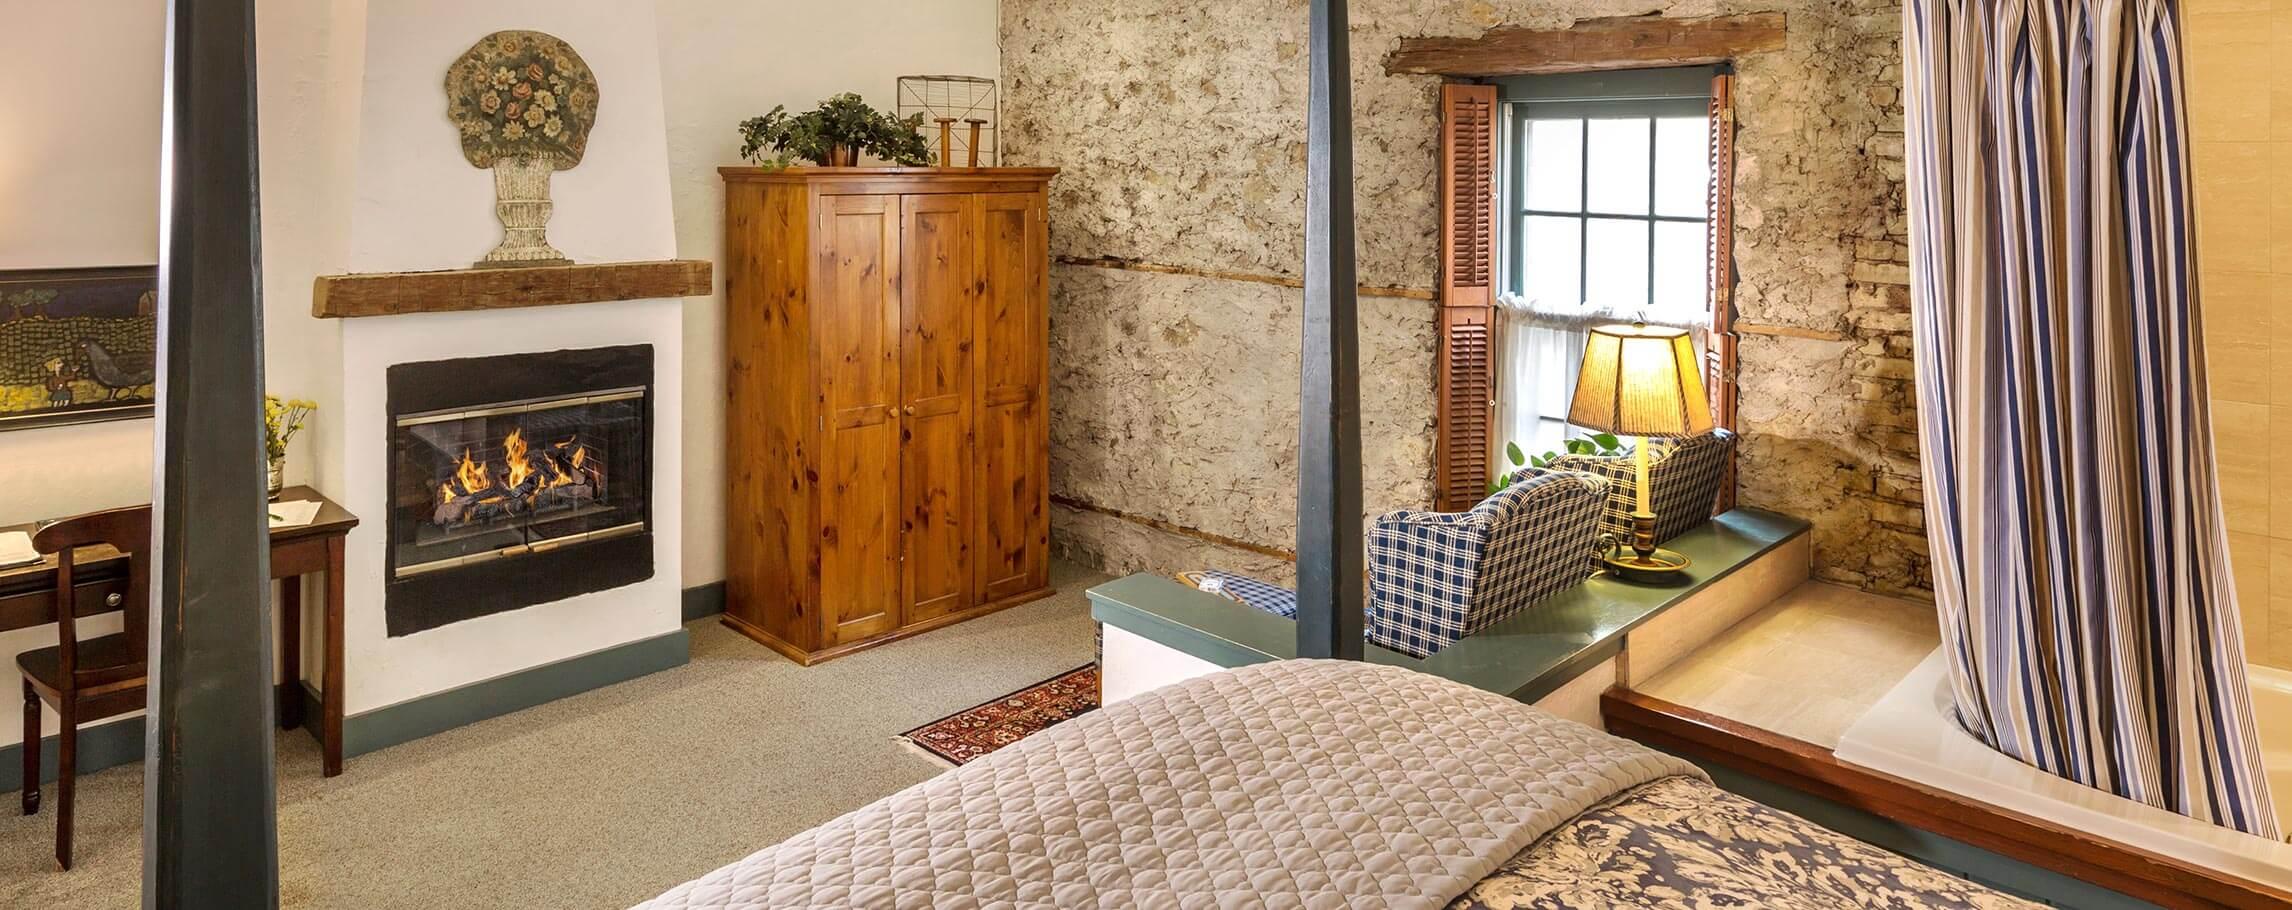 Hattie Wiesler room - at a Cedarburg Inn